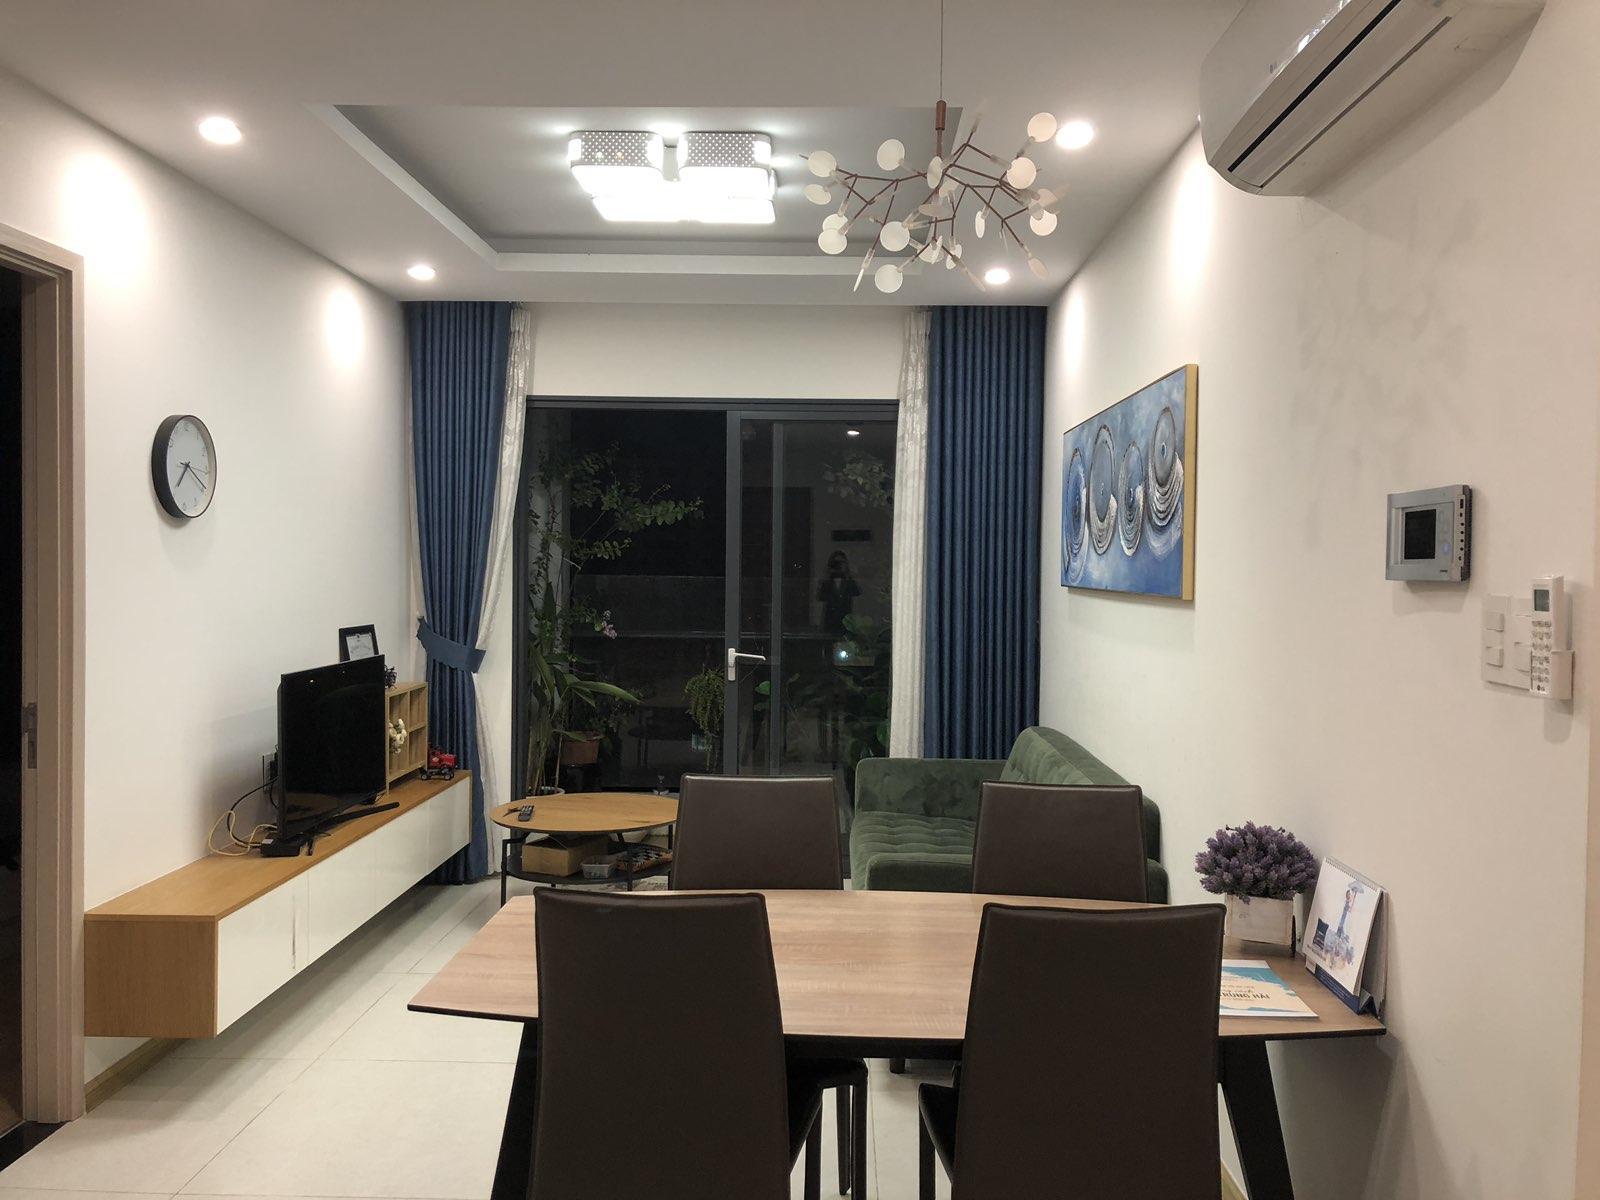 Cho thuê 2 phòng ngủ New City Thủ Thiêm - ID 010086